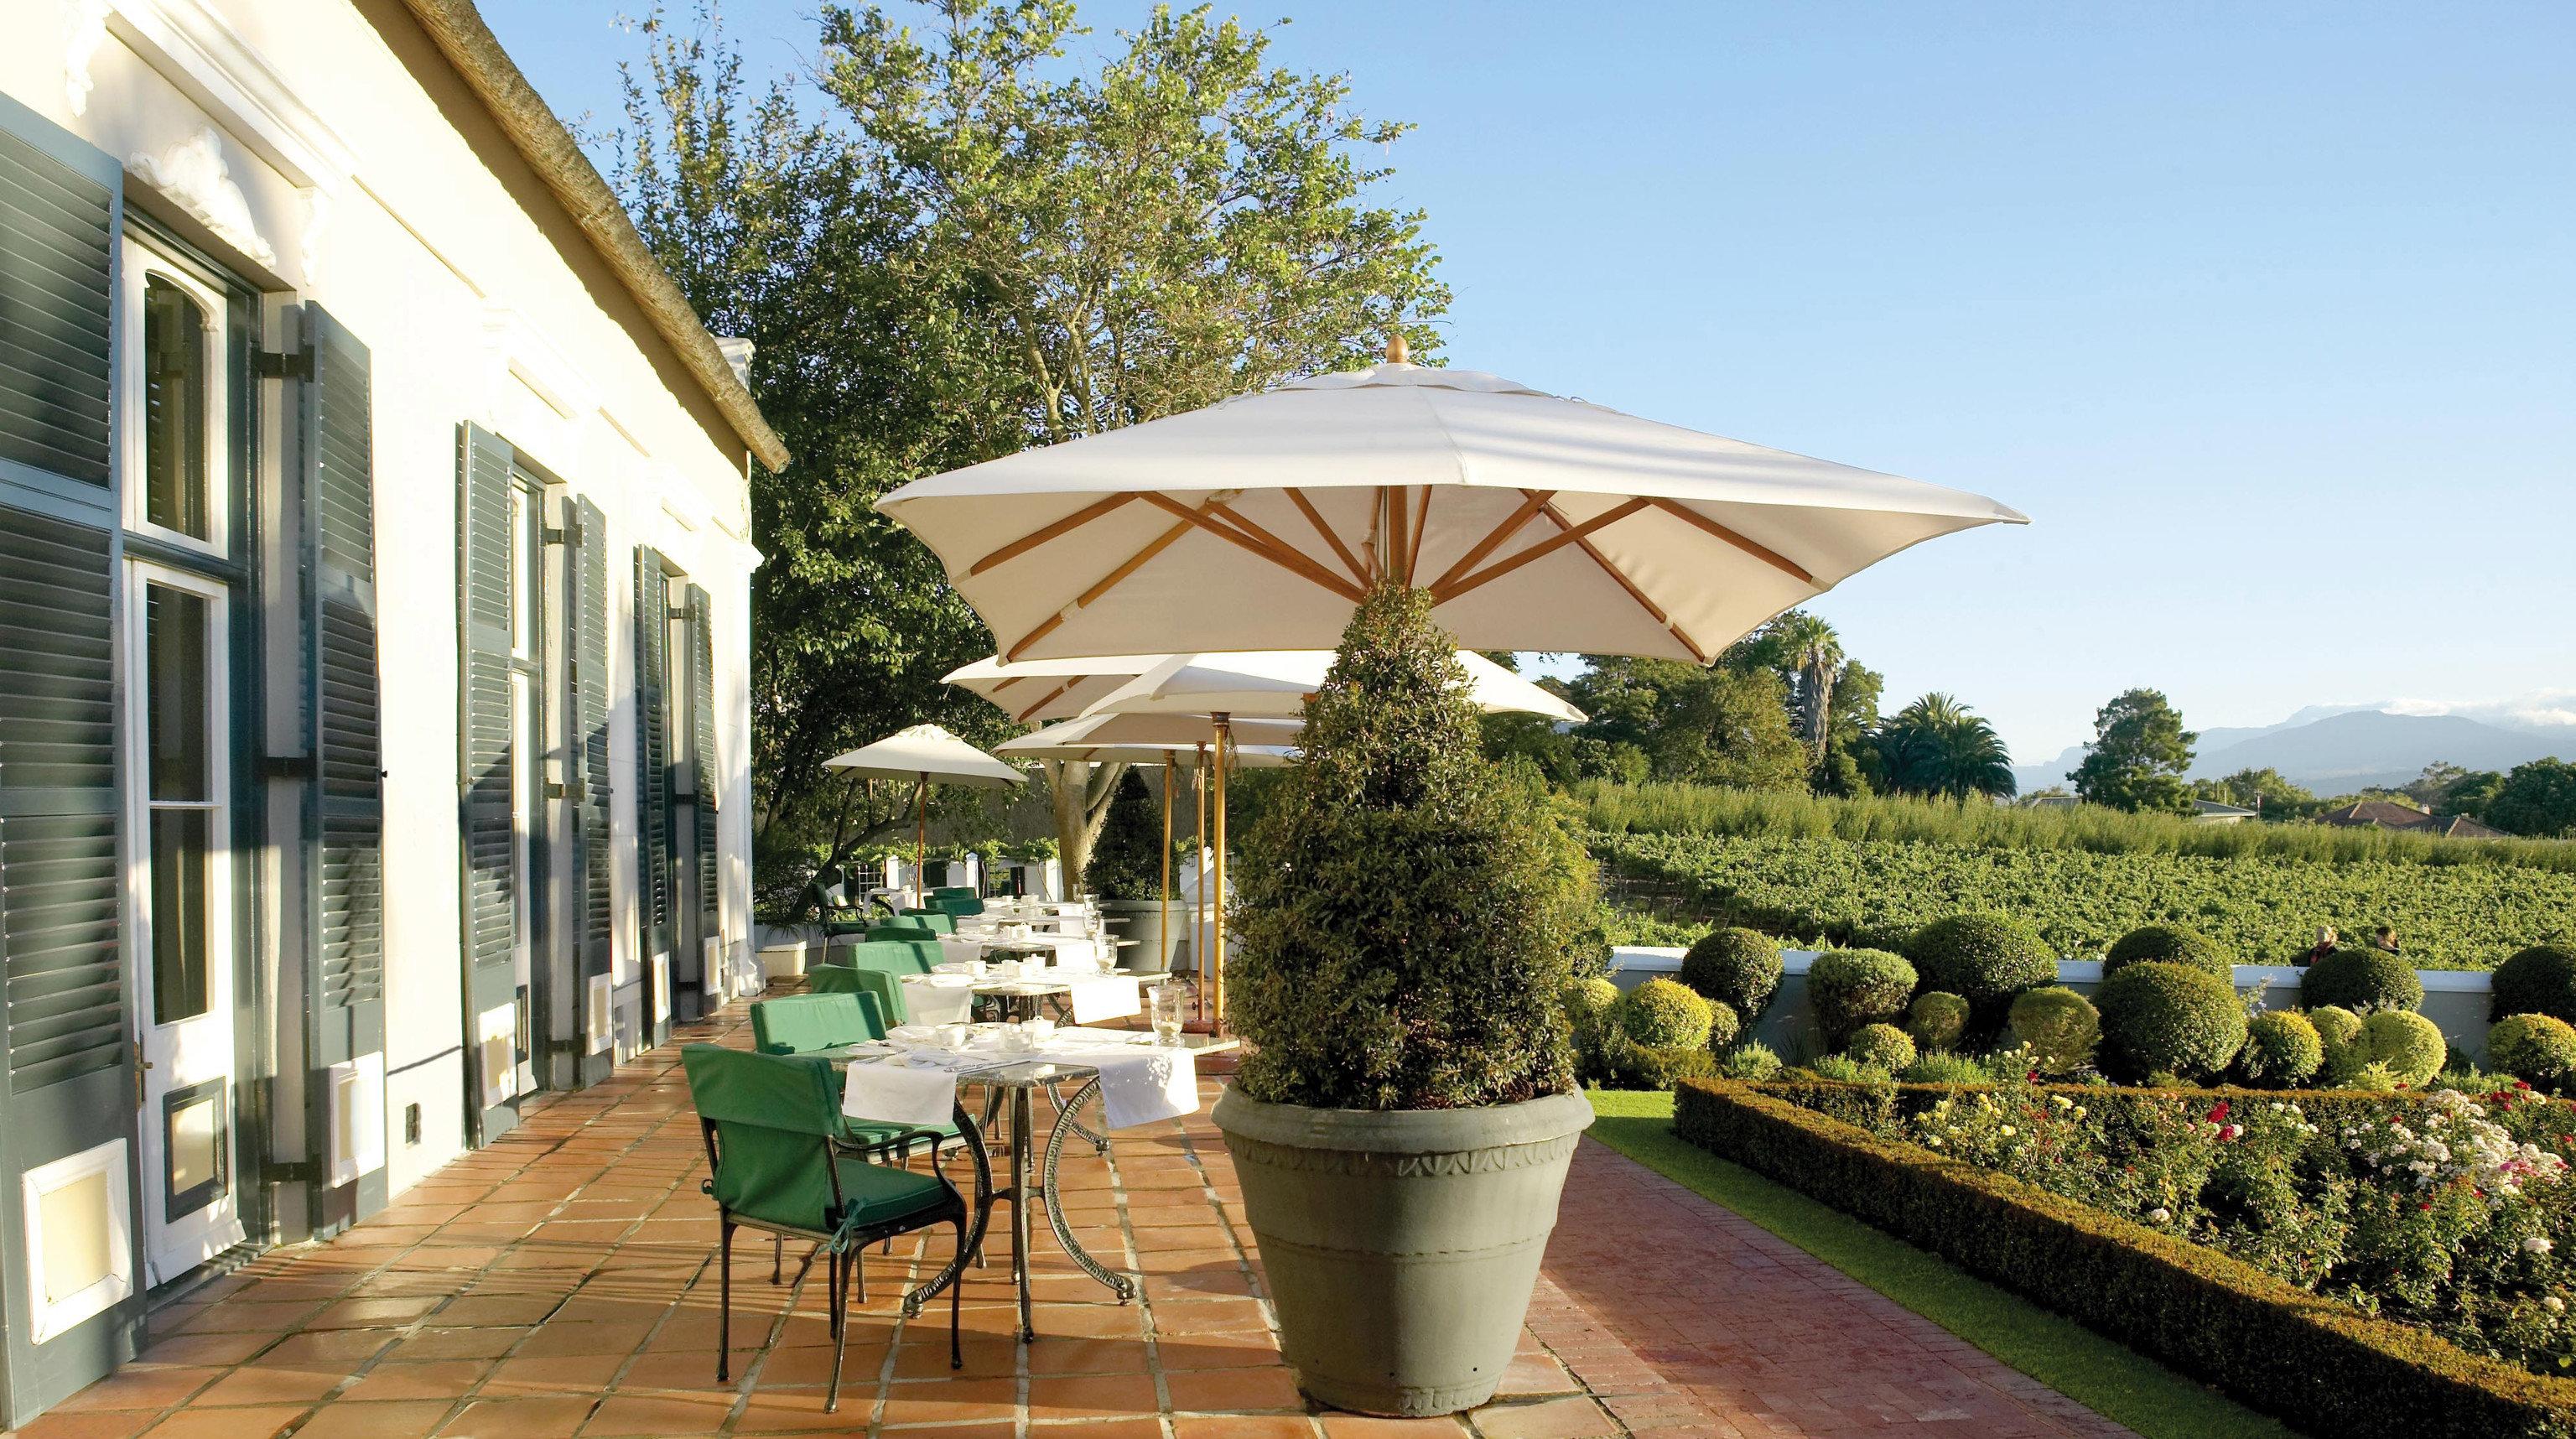 sky tree property outdoor structure Resort Villa